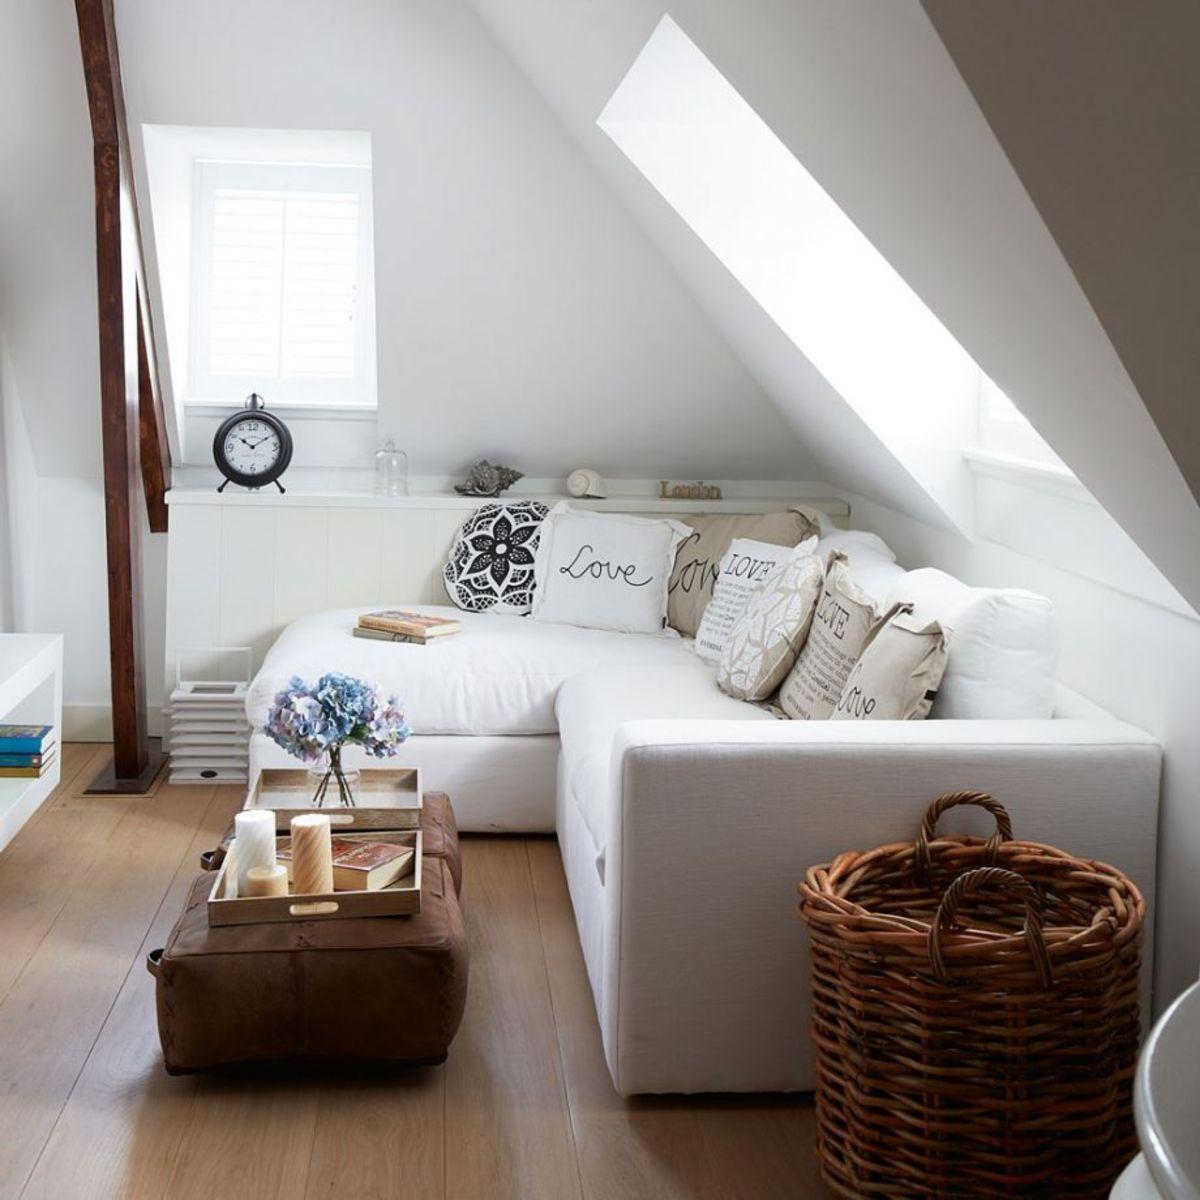 Créez des couches avec des coussins confortables dans votre salon chaleureux.